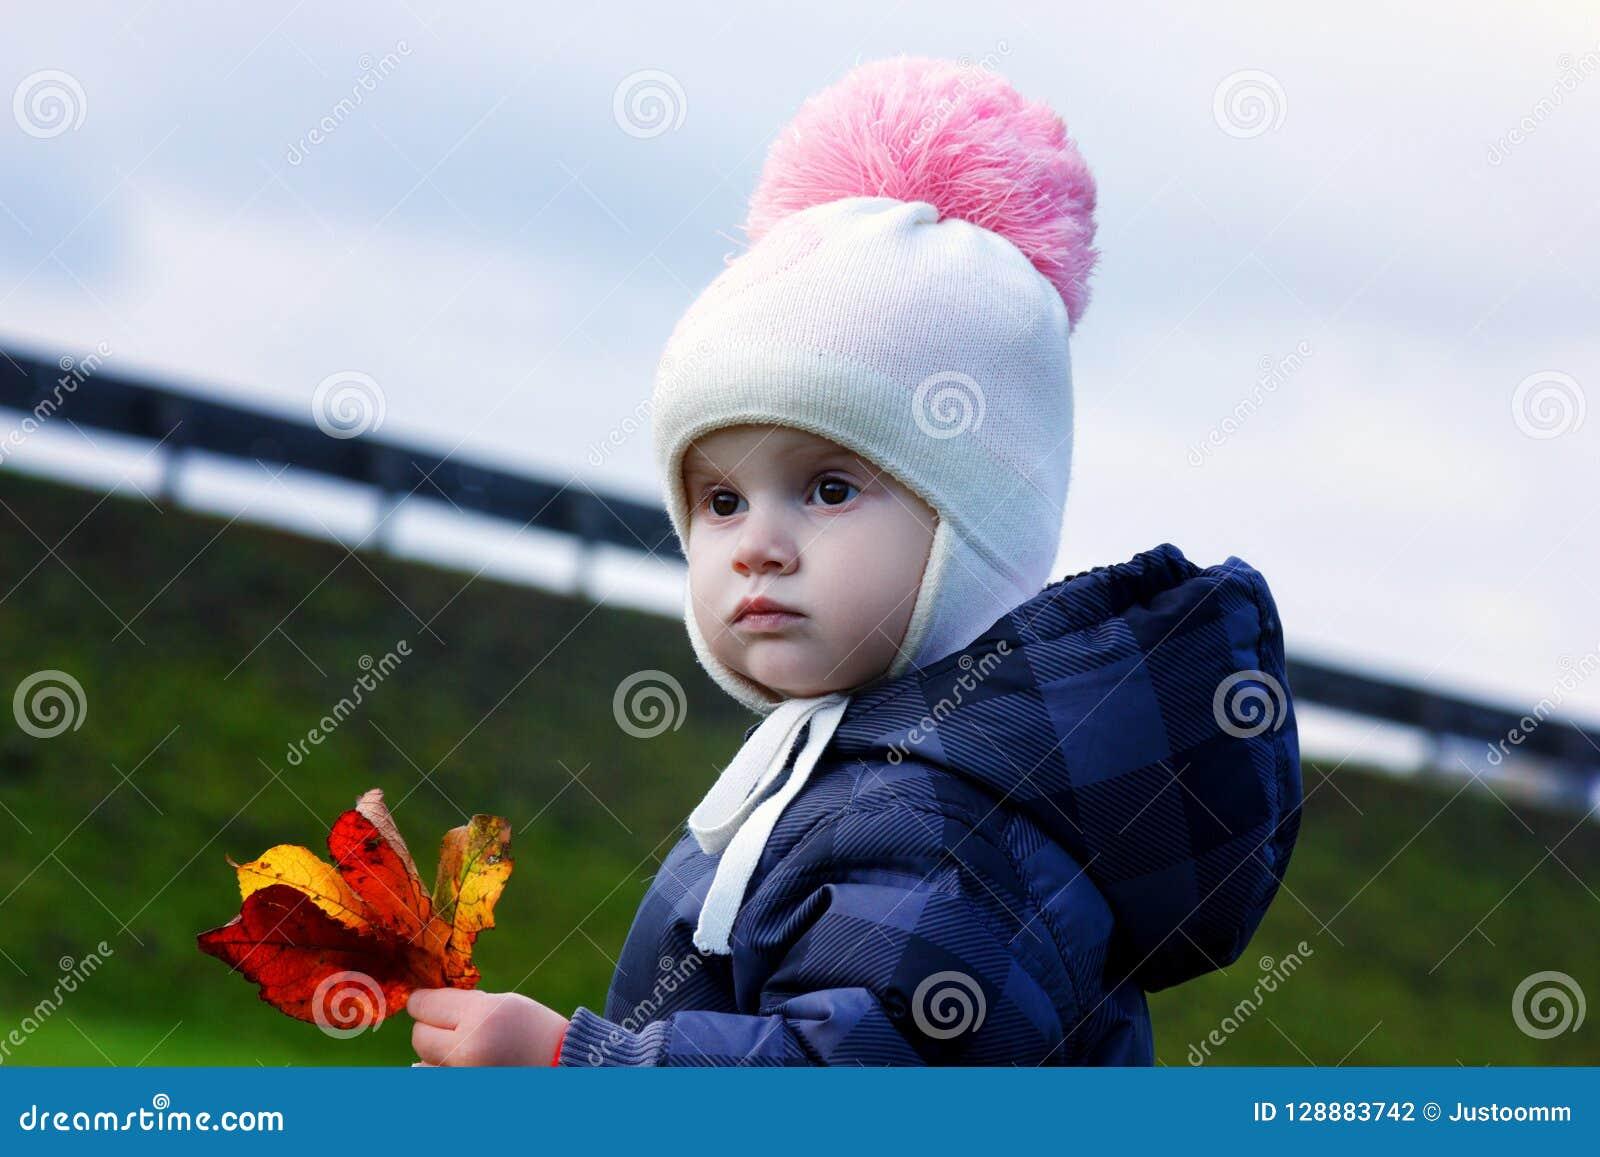 Höststående av en gullig liten flicka i ett mörkt omslag I händerna av en bukett av gula sidor solig höstdag